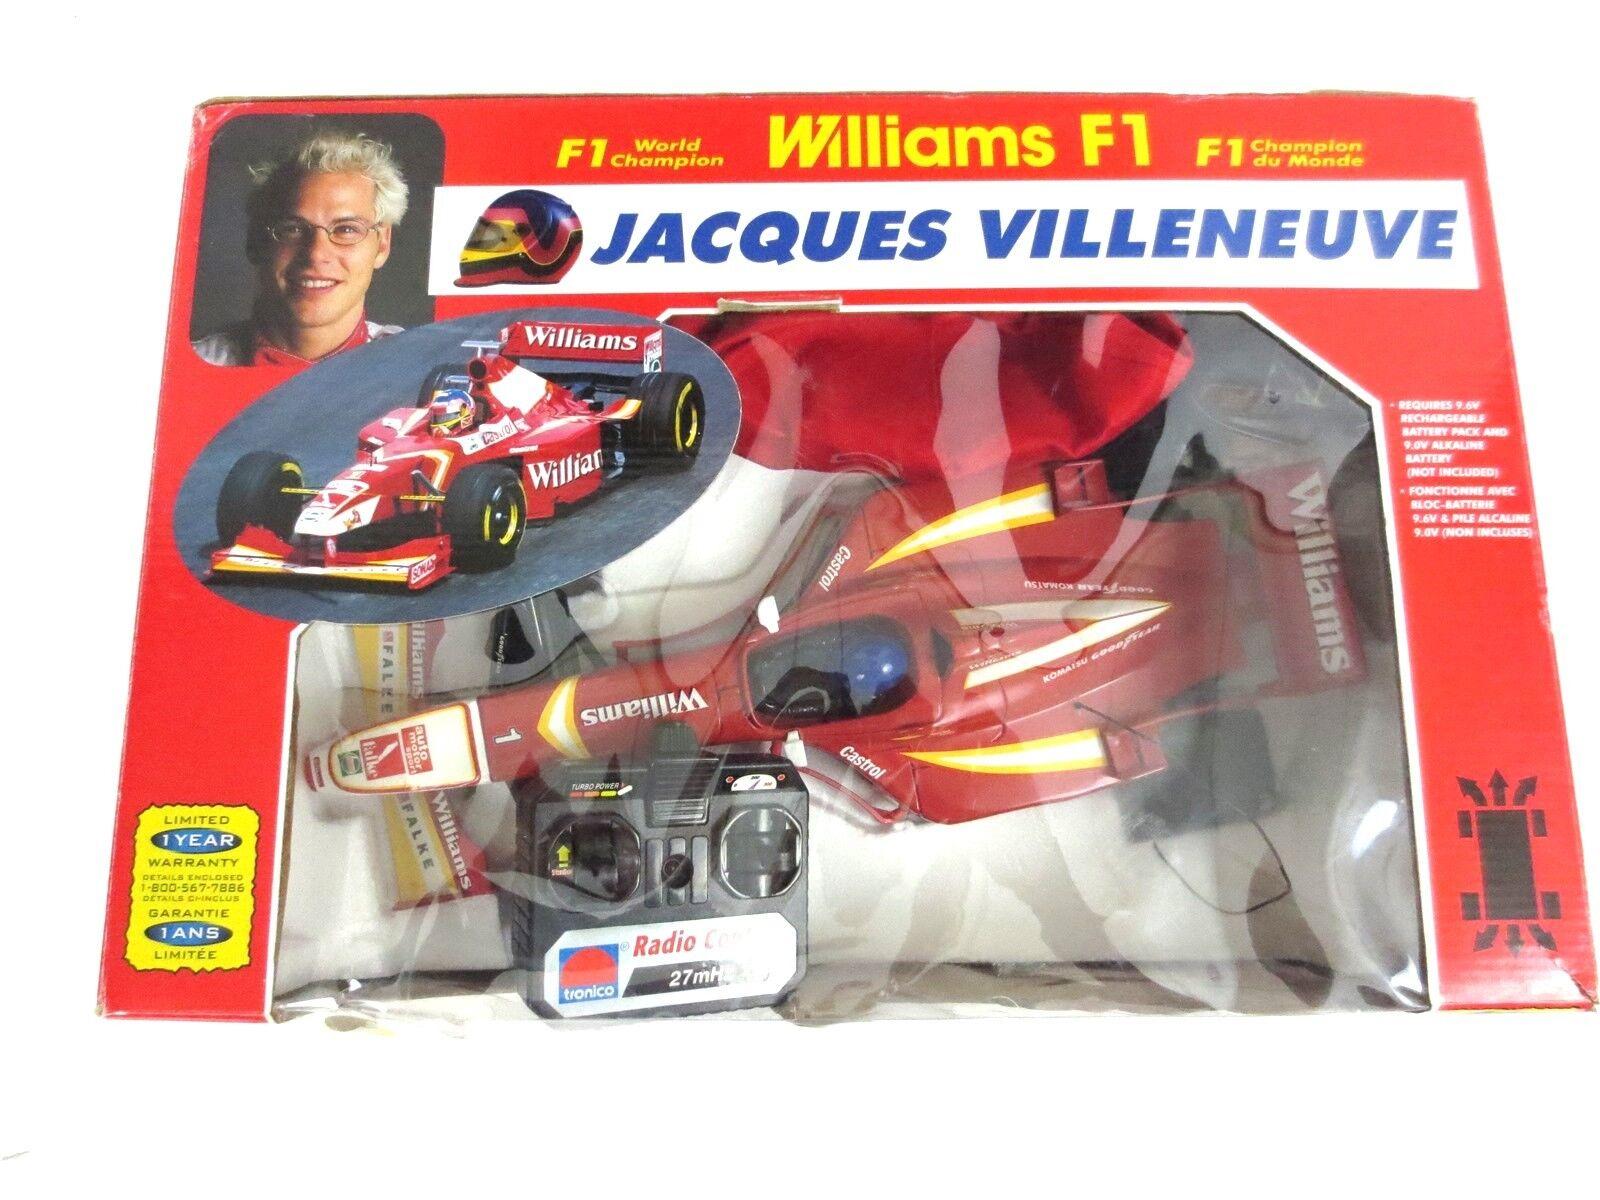 JACQUES VILLENEUVE F1 WILLIAMS RENAULT Majorette Radio Control Car Vintage